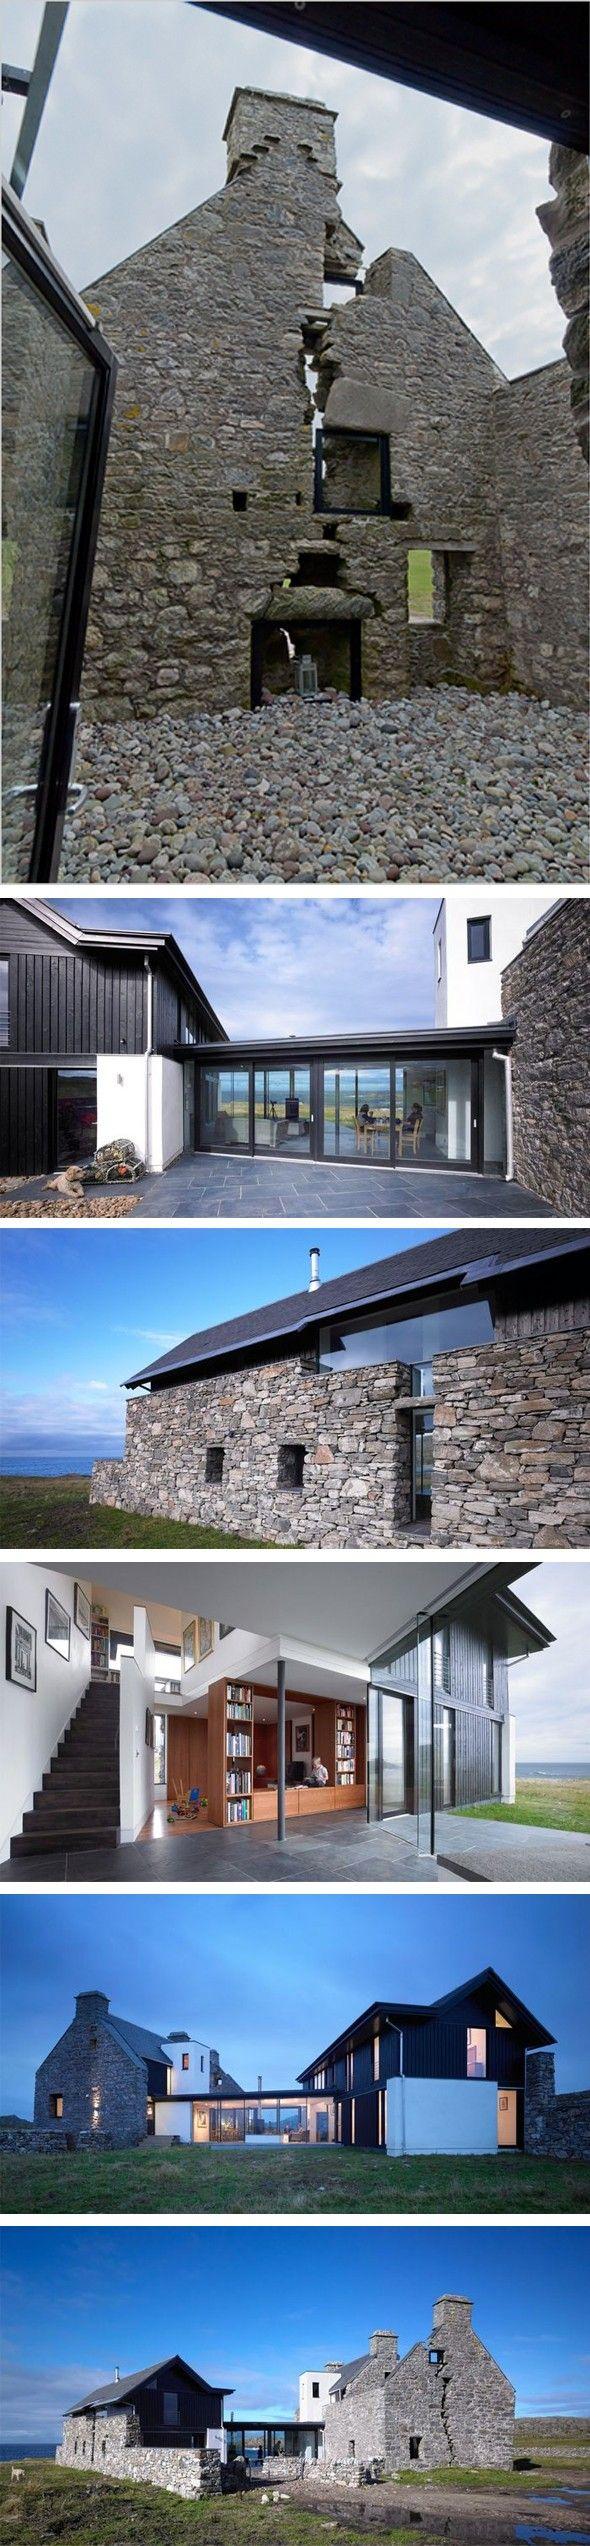 Incroyable bâtisse en pleine nature Peu d'informations sur cette maison en pierre fendue de haut en bas, dont le propriétaire en a fait sa marque de fabriq